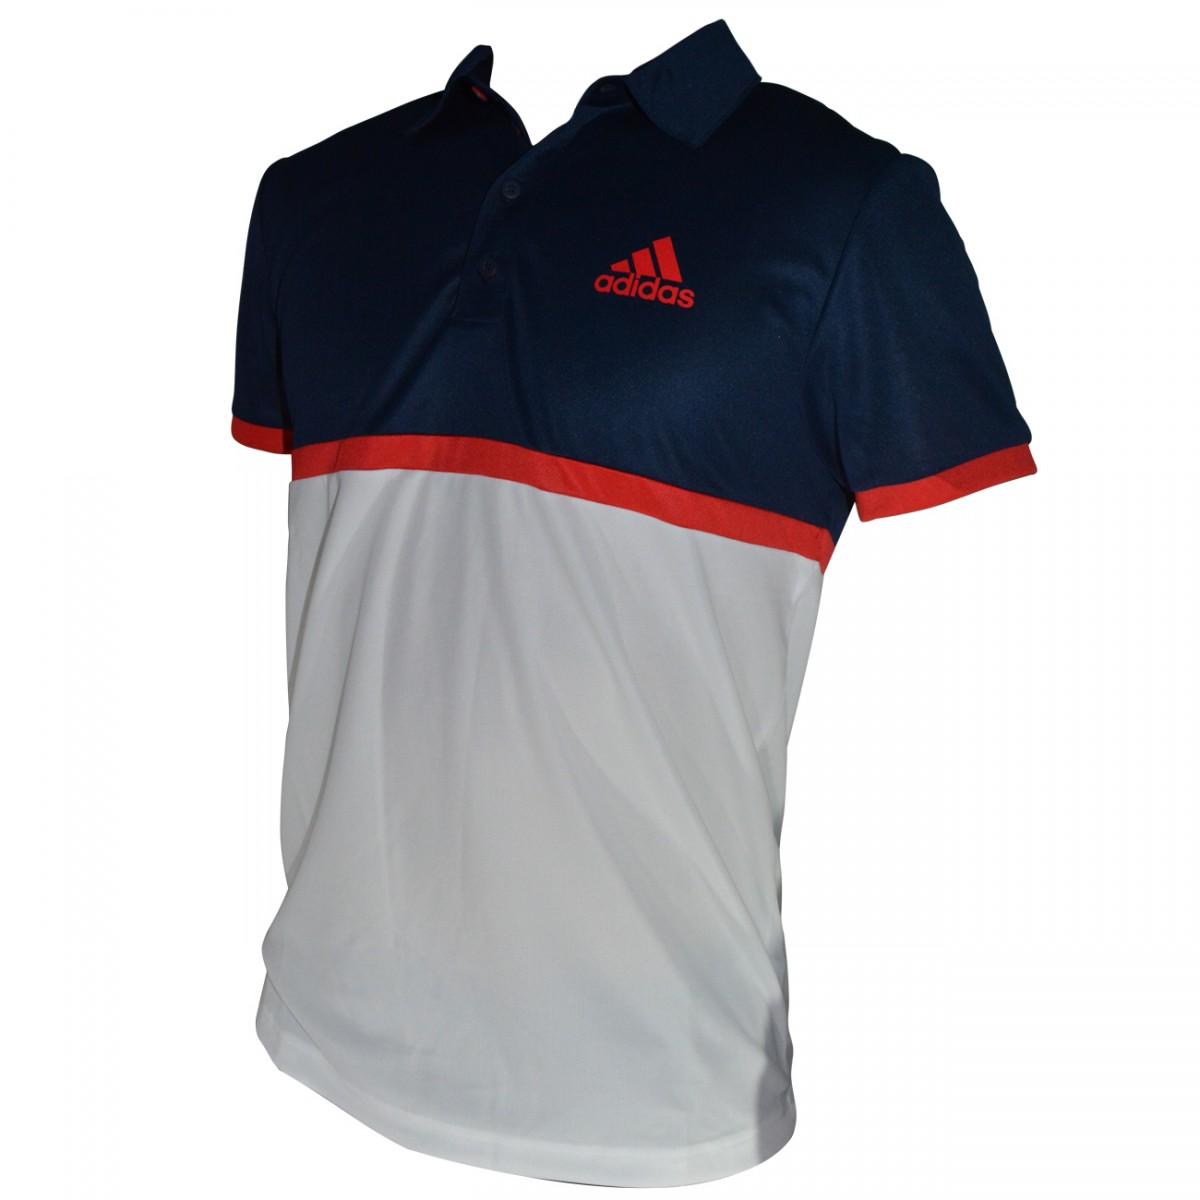 cefb3e4936 Camisa Polo Adidas Court AX8164 - Marinho Branco Vermelho - Chuteira Nike